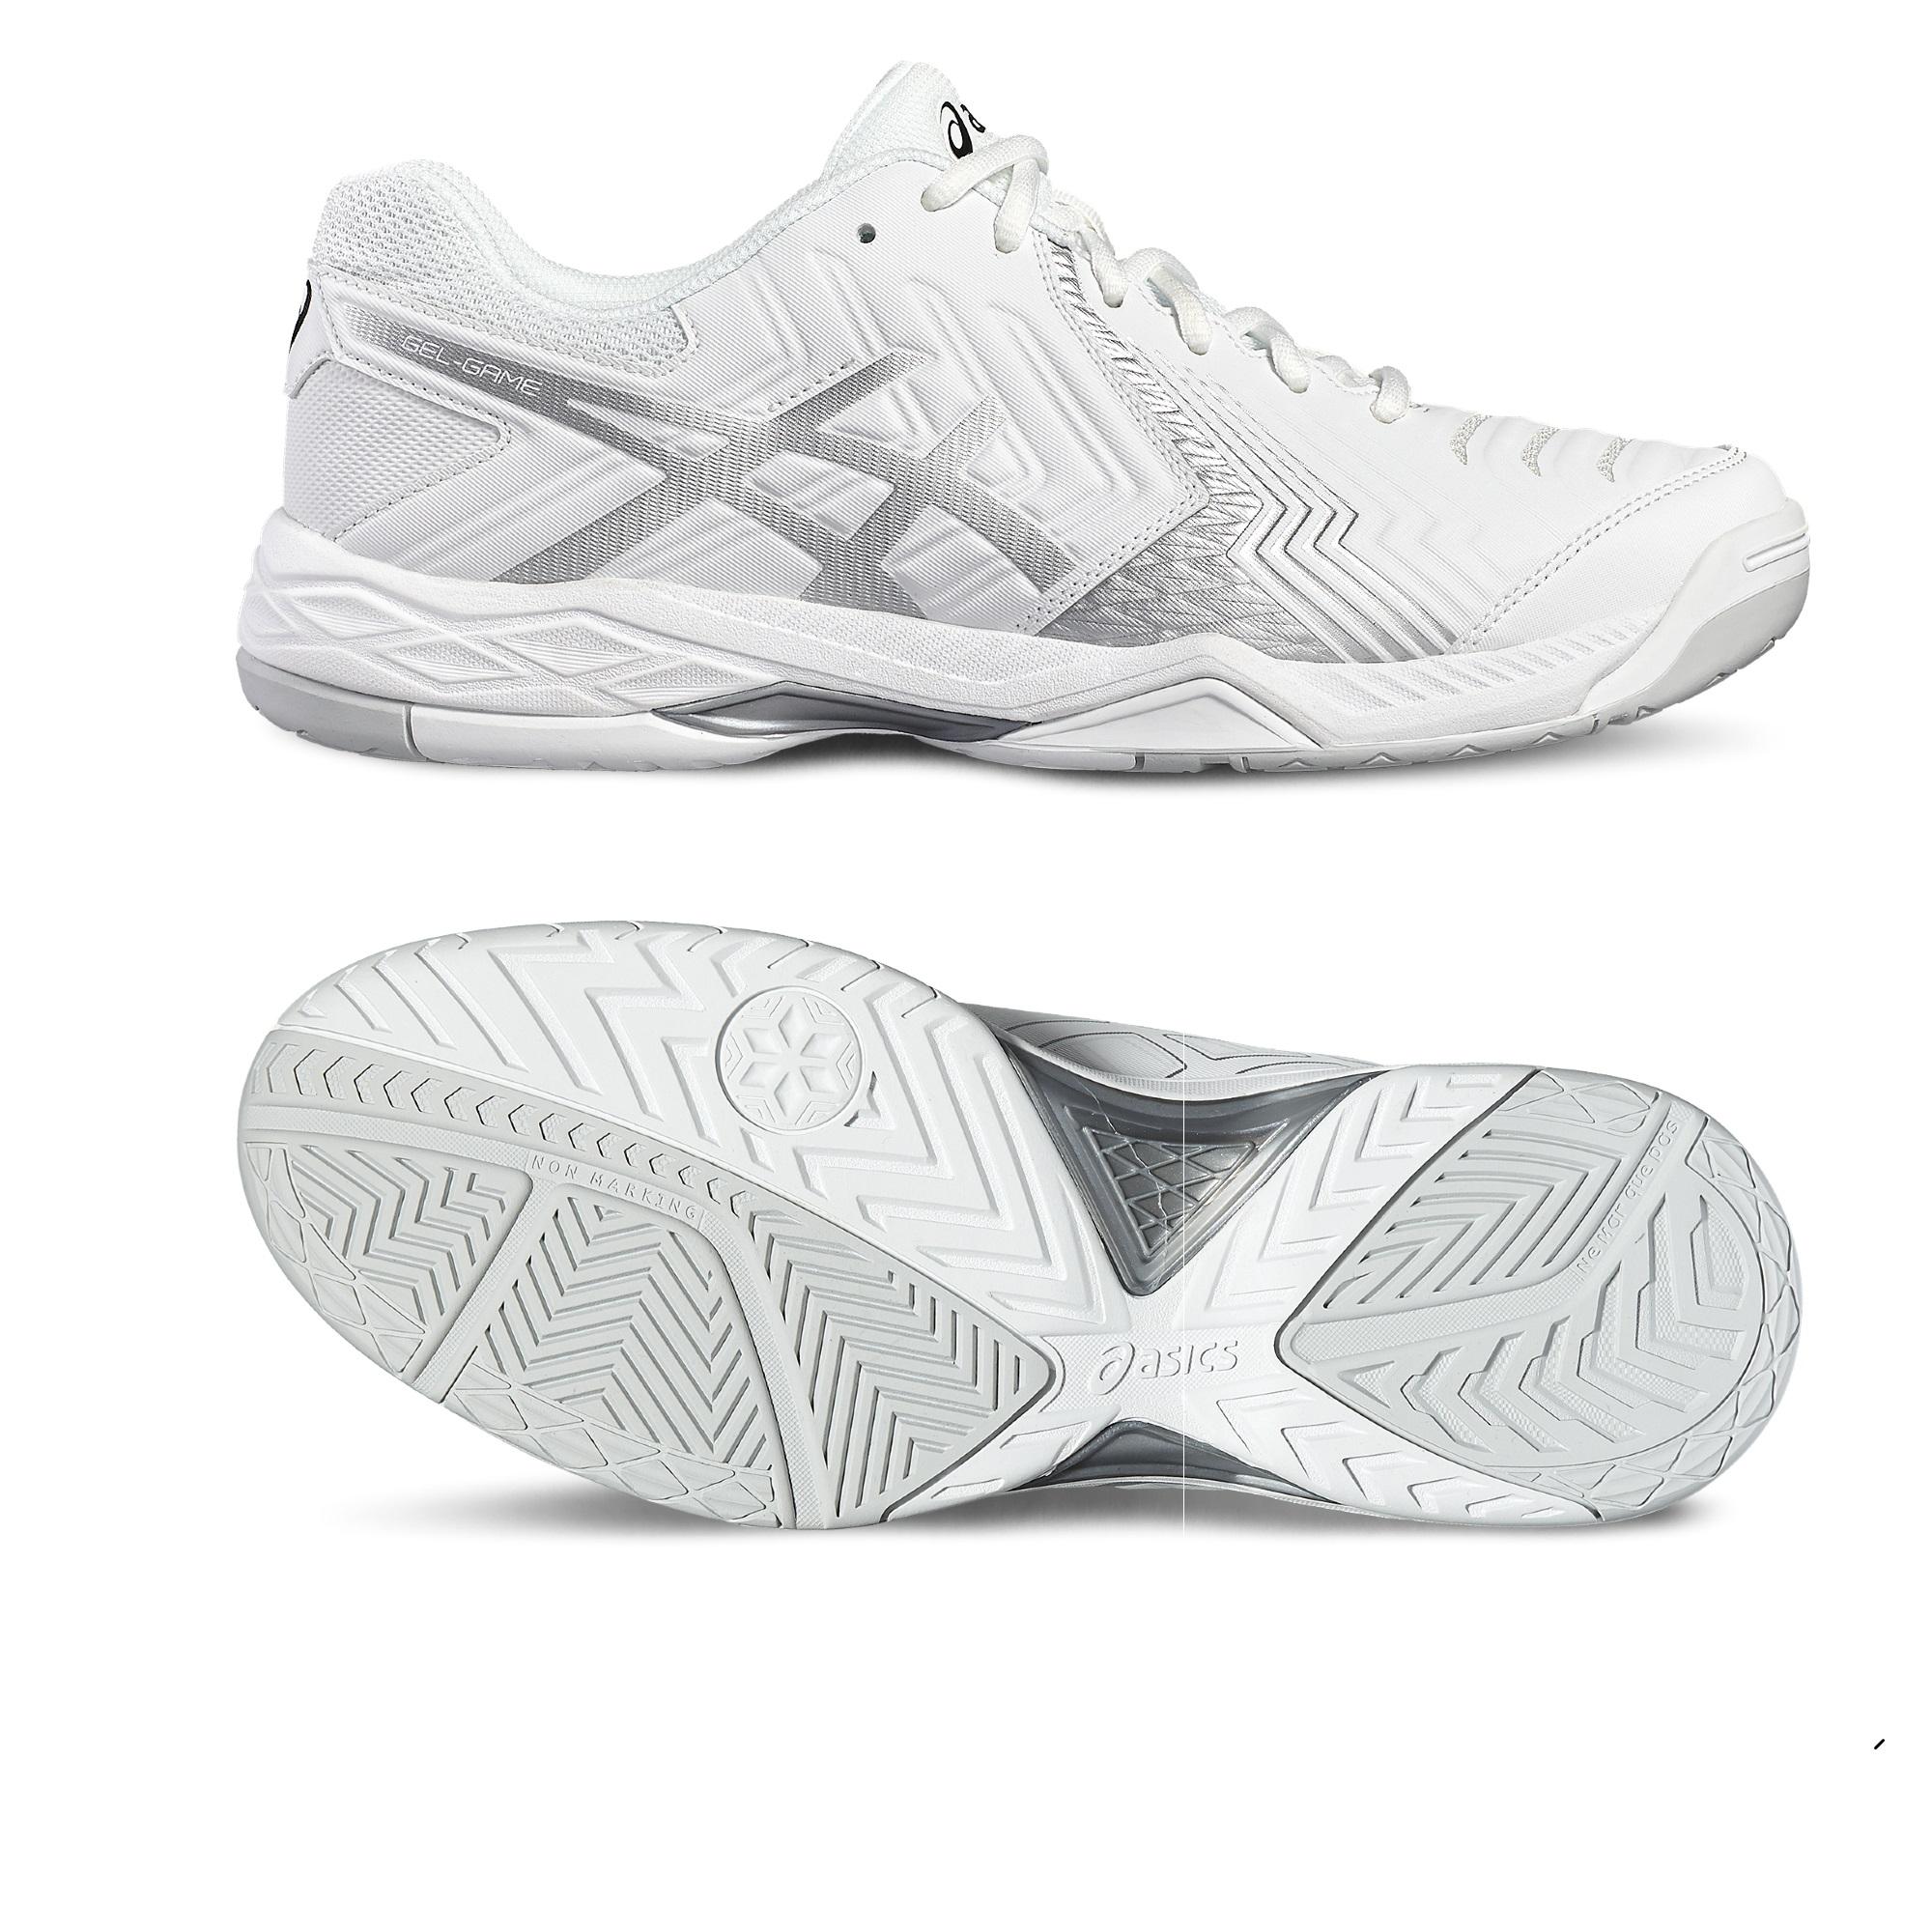 Asics GelGame 6 Ladies Tennis Shoes  WhiteSilver 6.5 UK